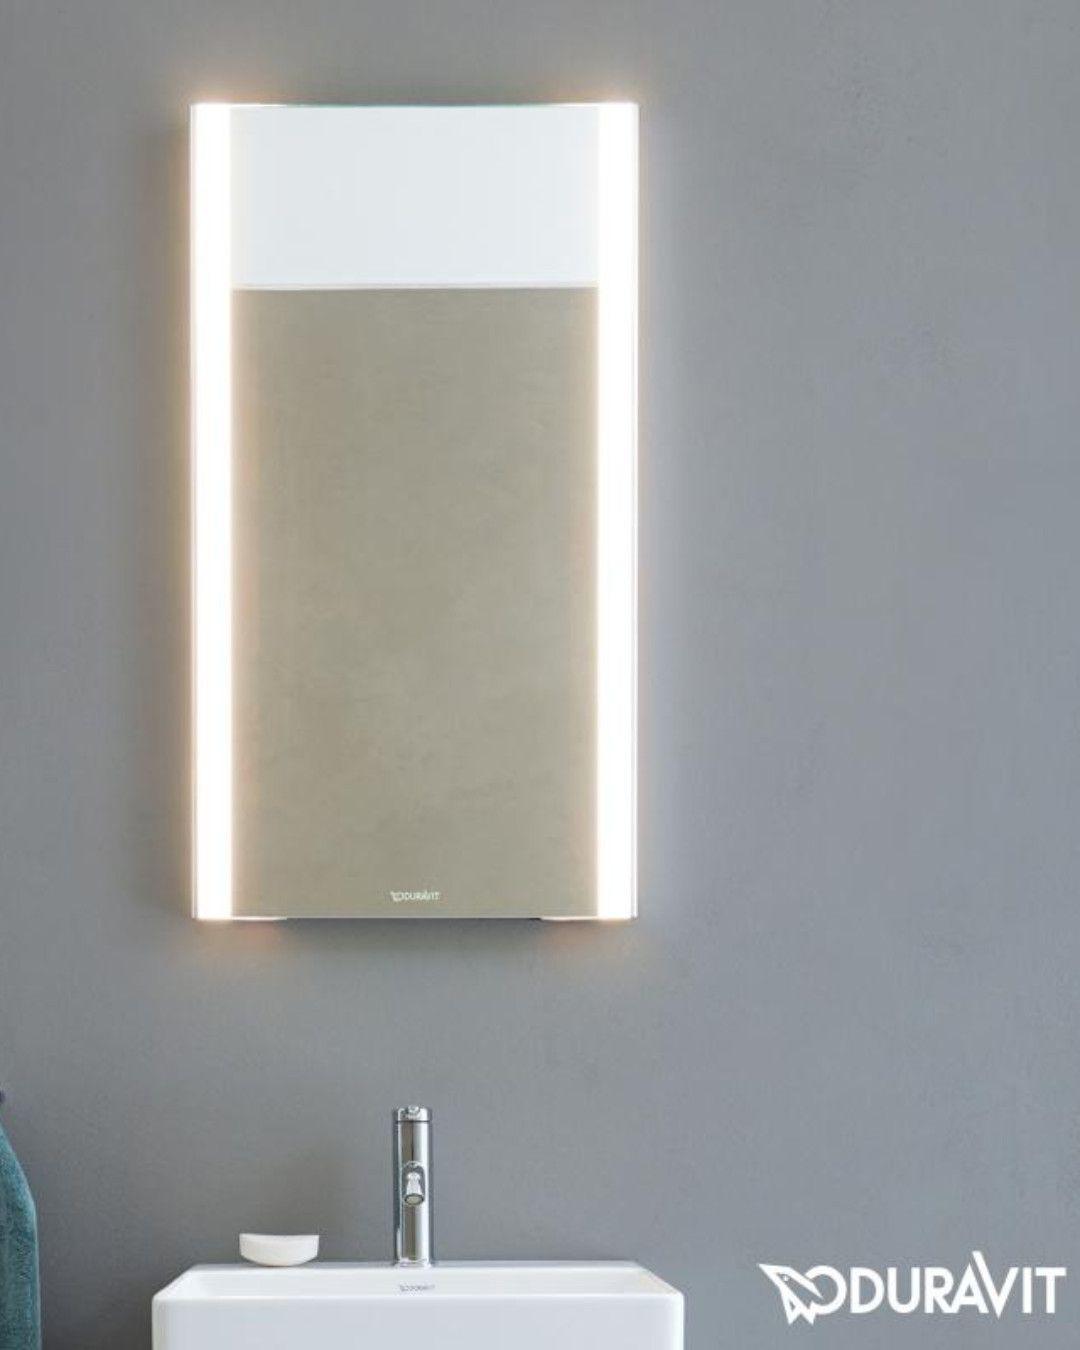 Duravit Xsquare Erhellenden Komfort In Puristischem Design Bringt Der Duravit Xsquare Spiegel Mit Led Beleuchtung In I Spiegel Gaste Wc Led Spiegel Wc Spiegel